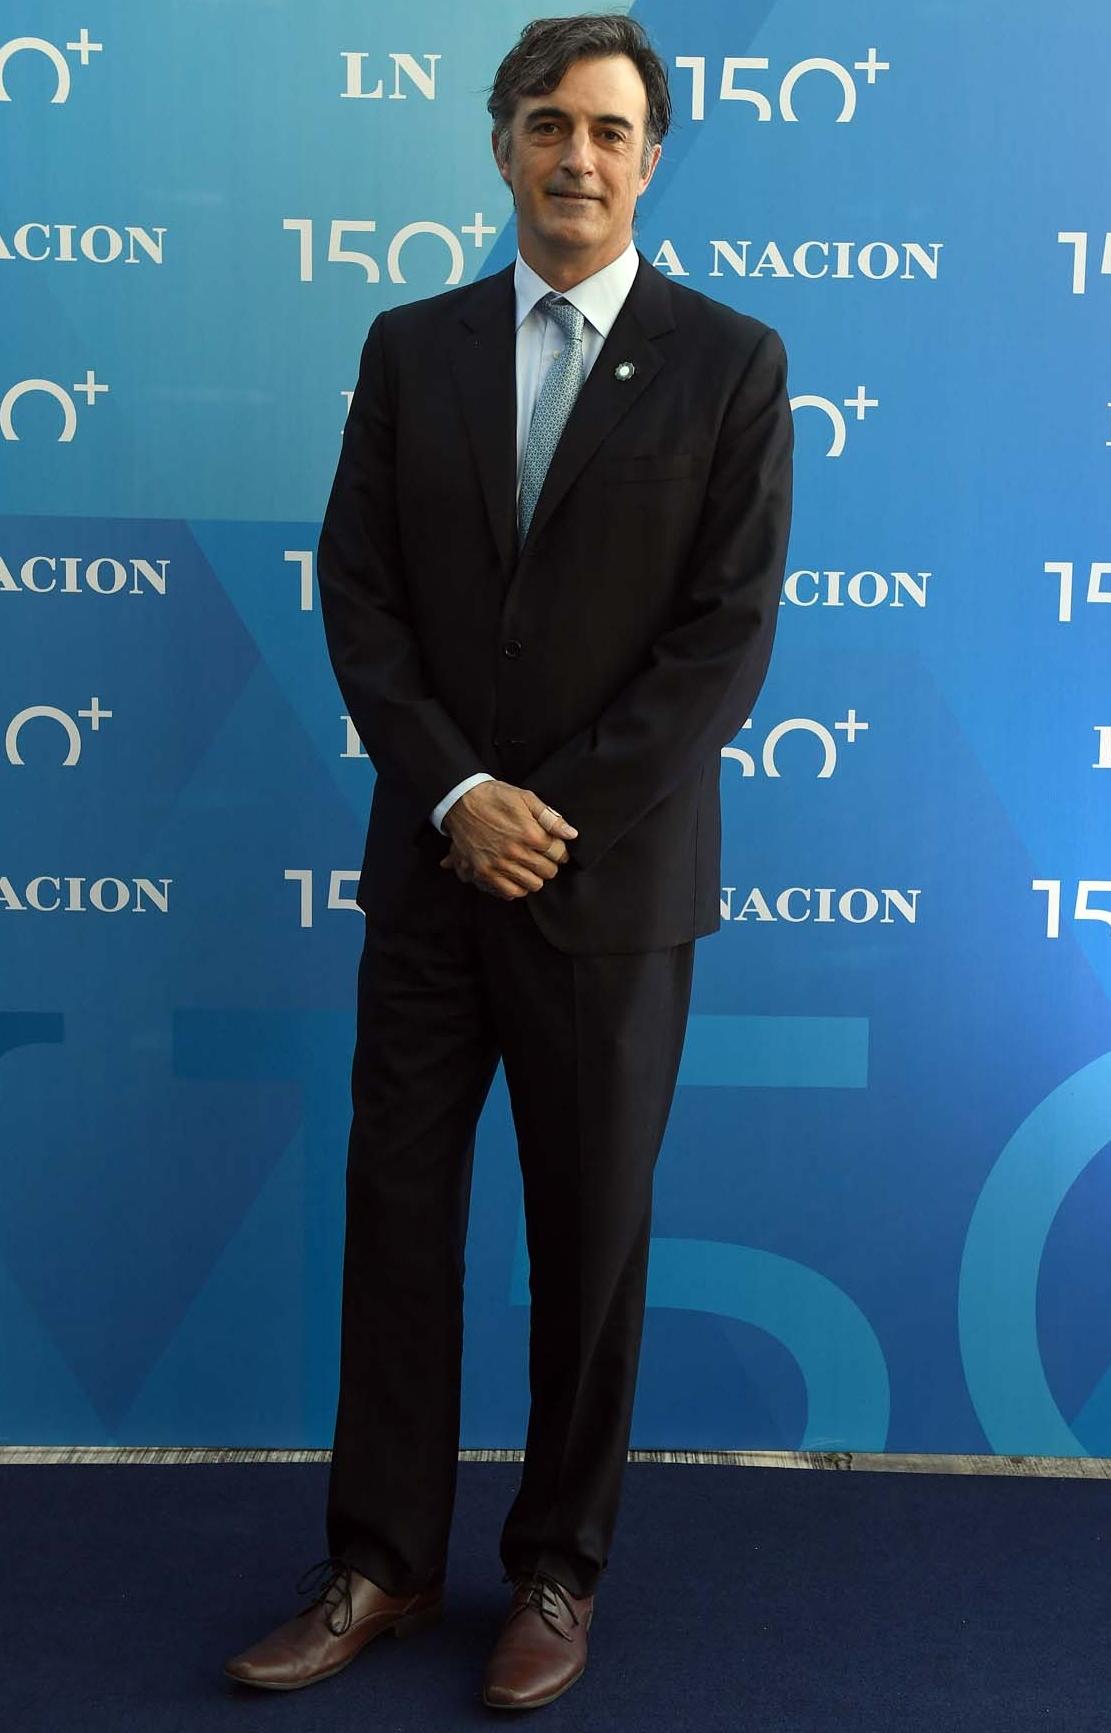 El senador Esteban Bullrich